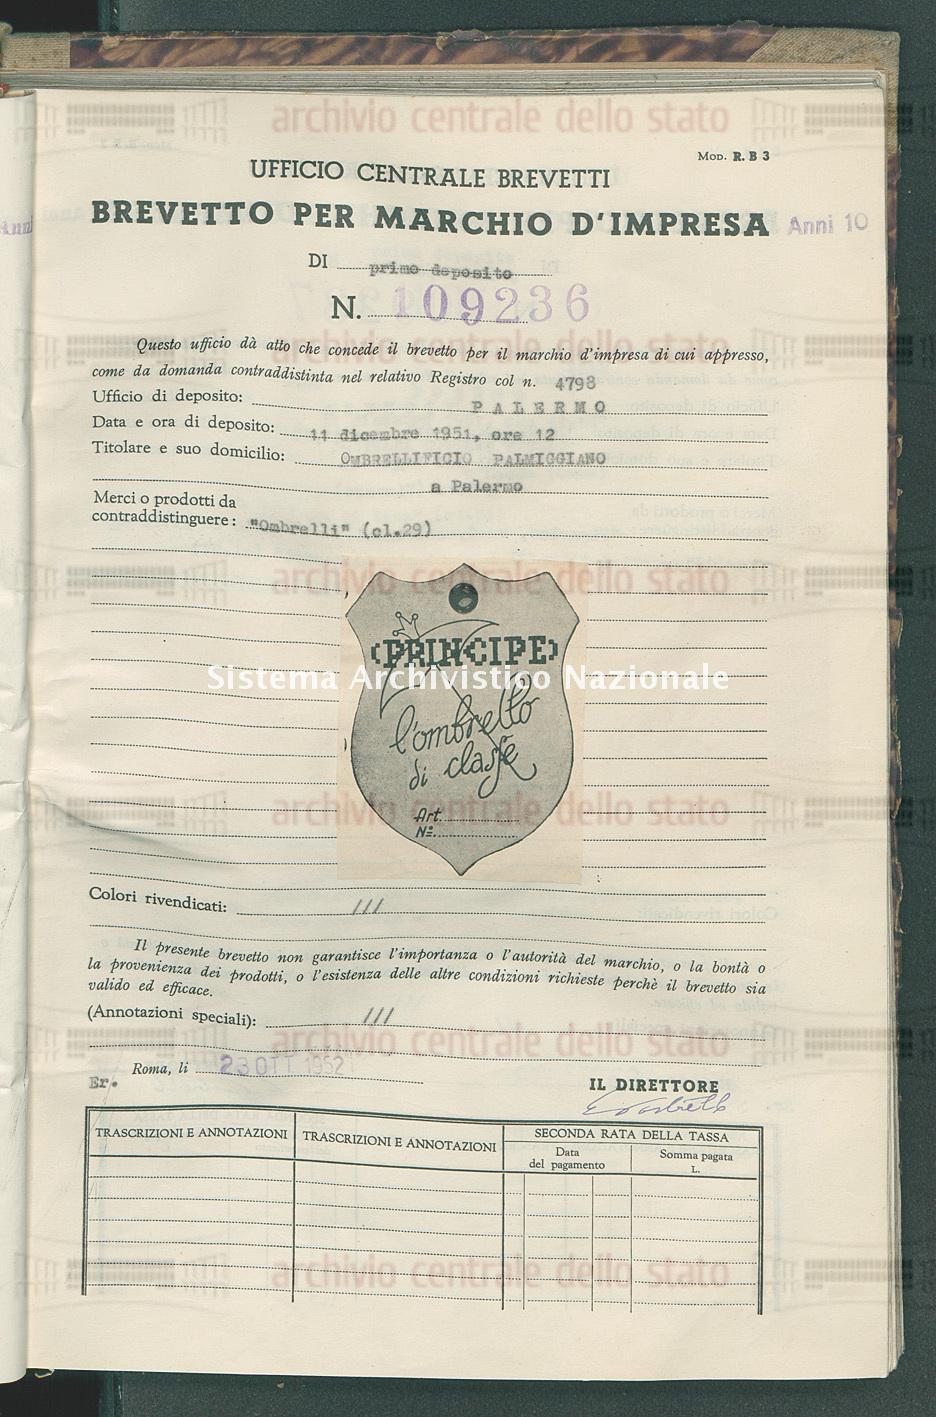 'Ombrelli' Ombrellificio Palmiggiano (23/10/1952)